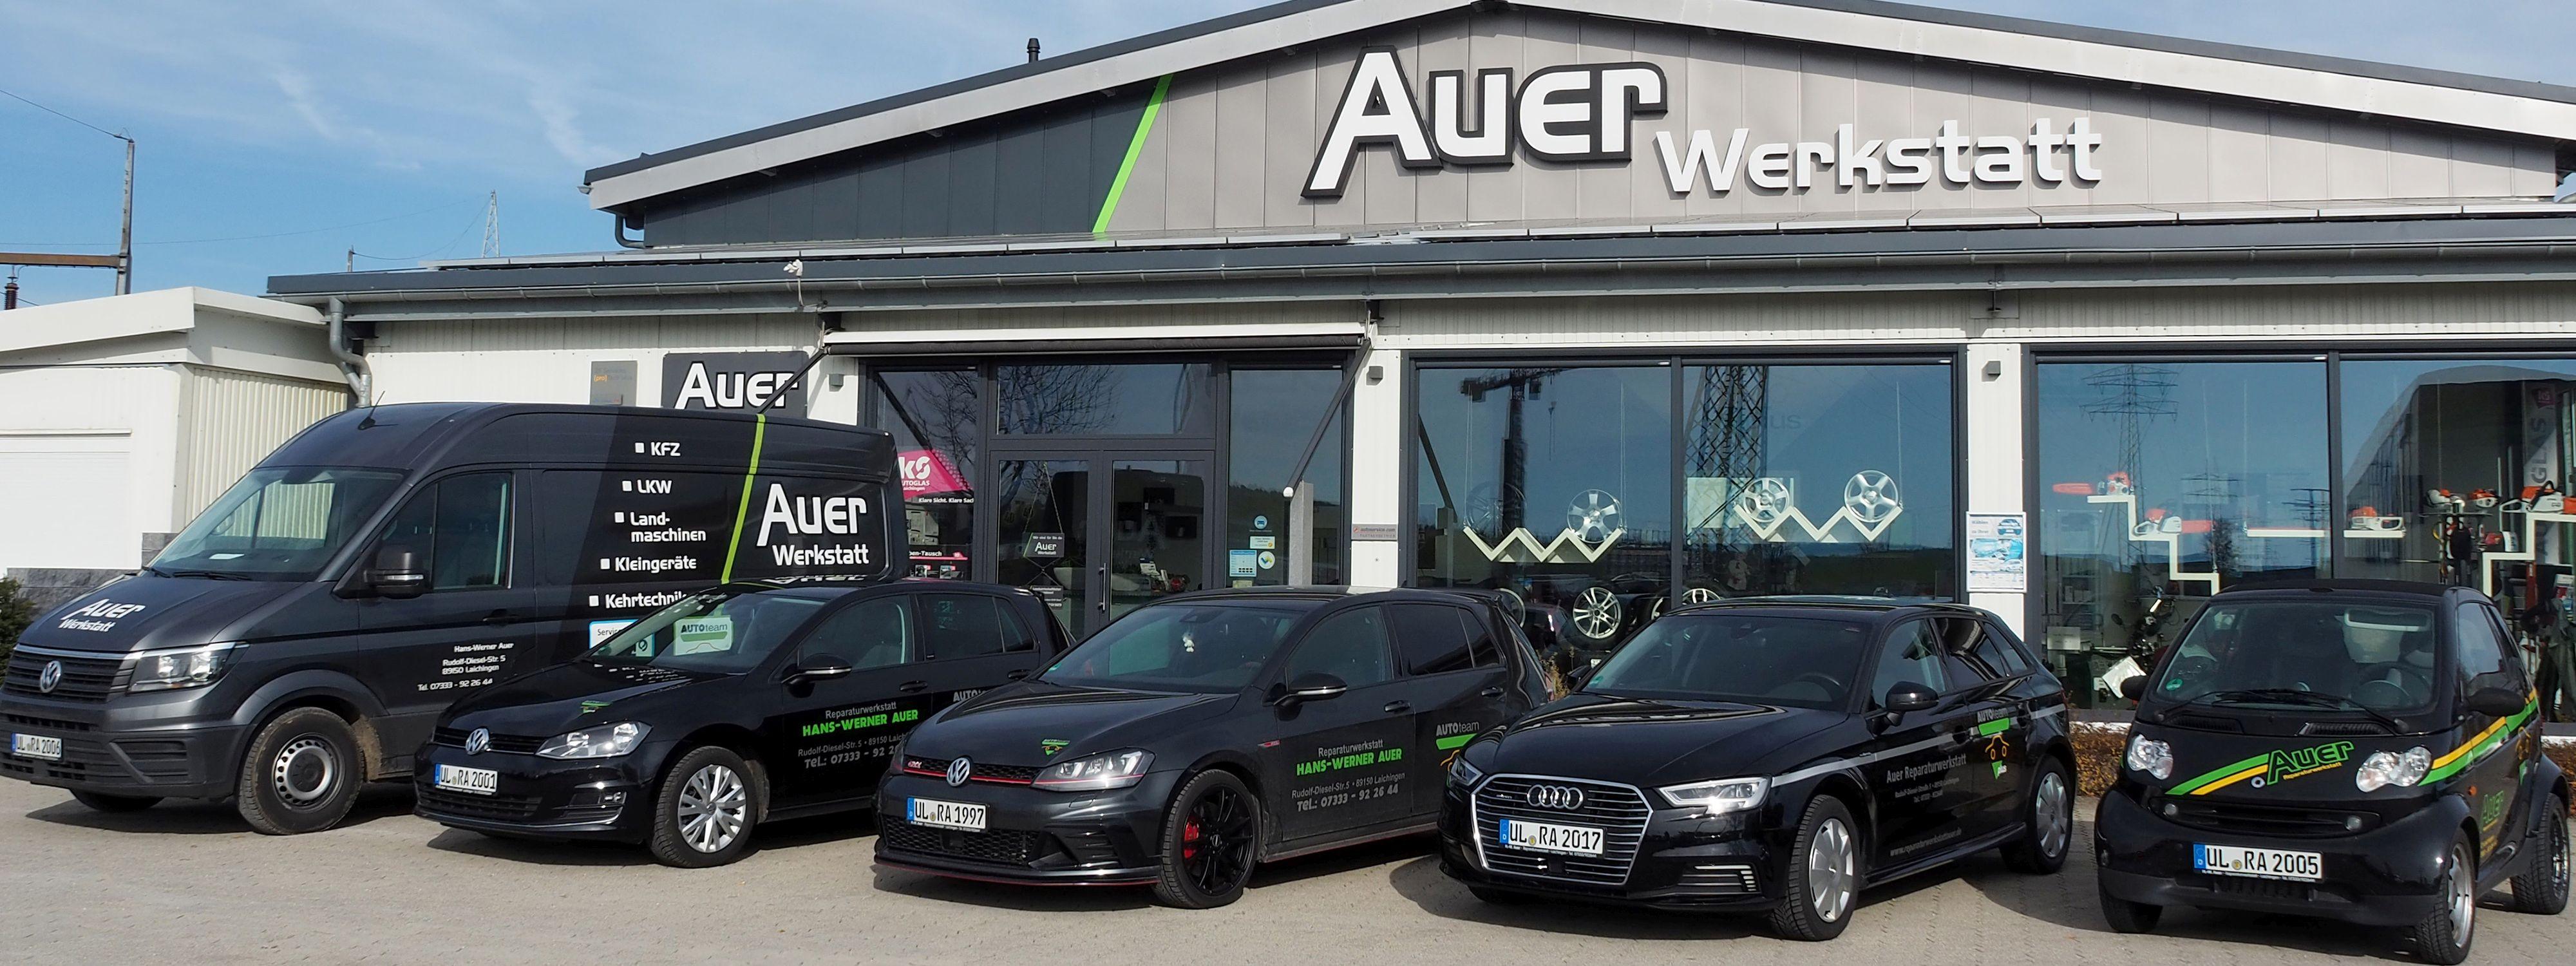 Auer Werkstatt Start 2